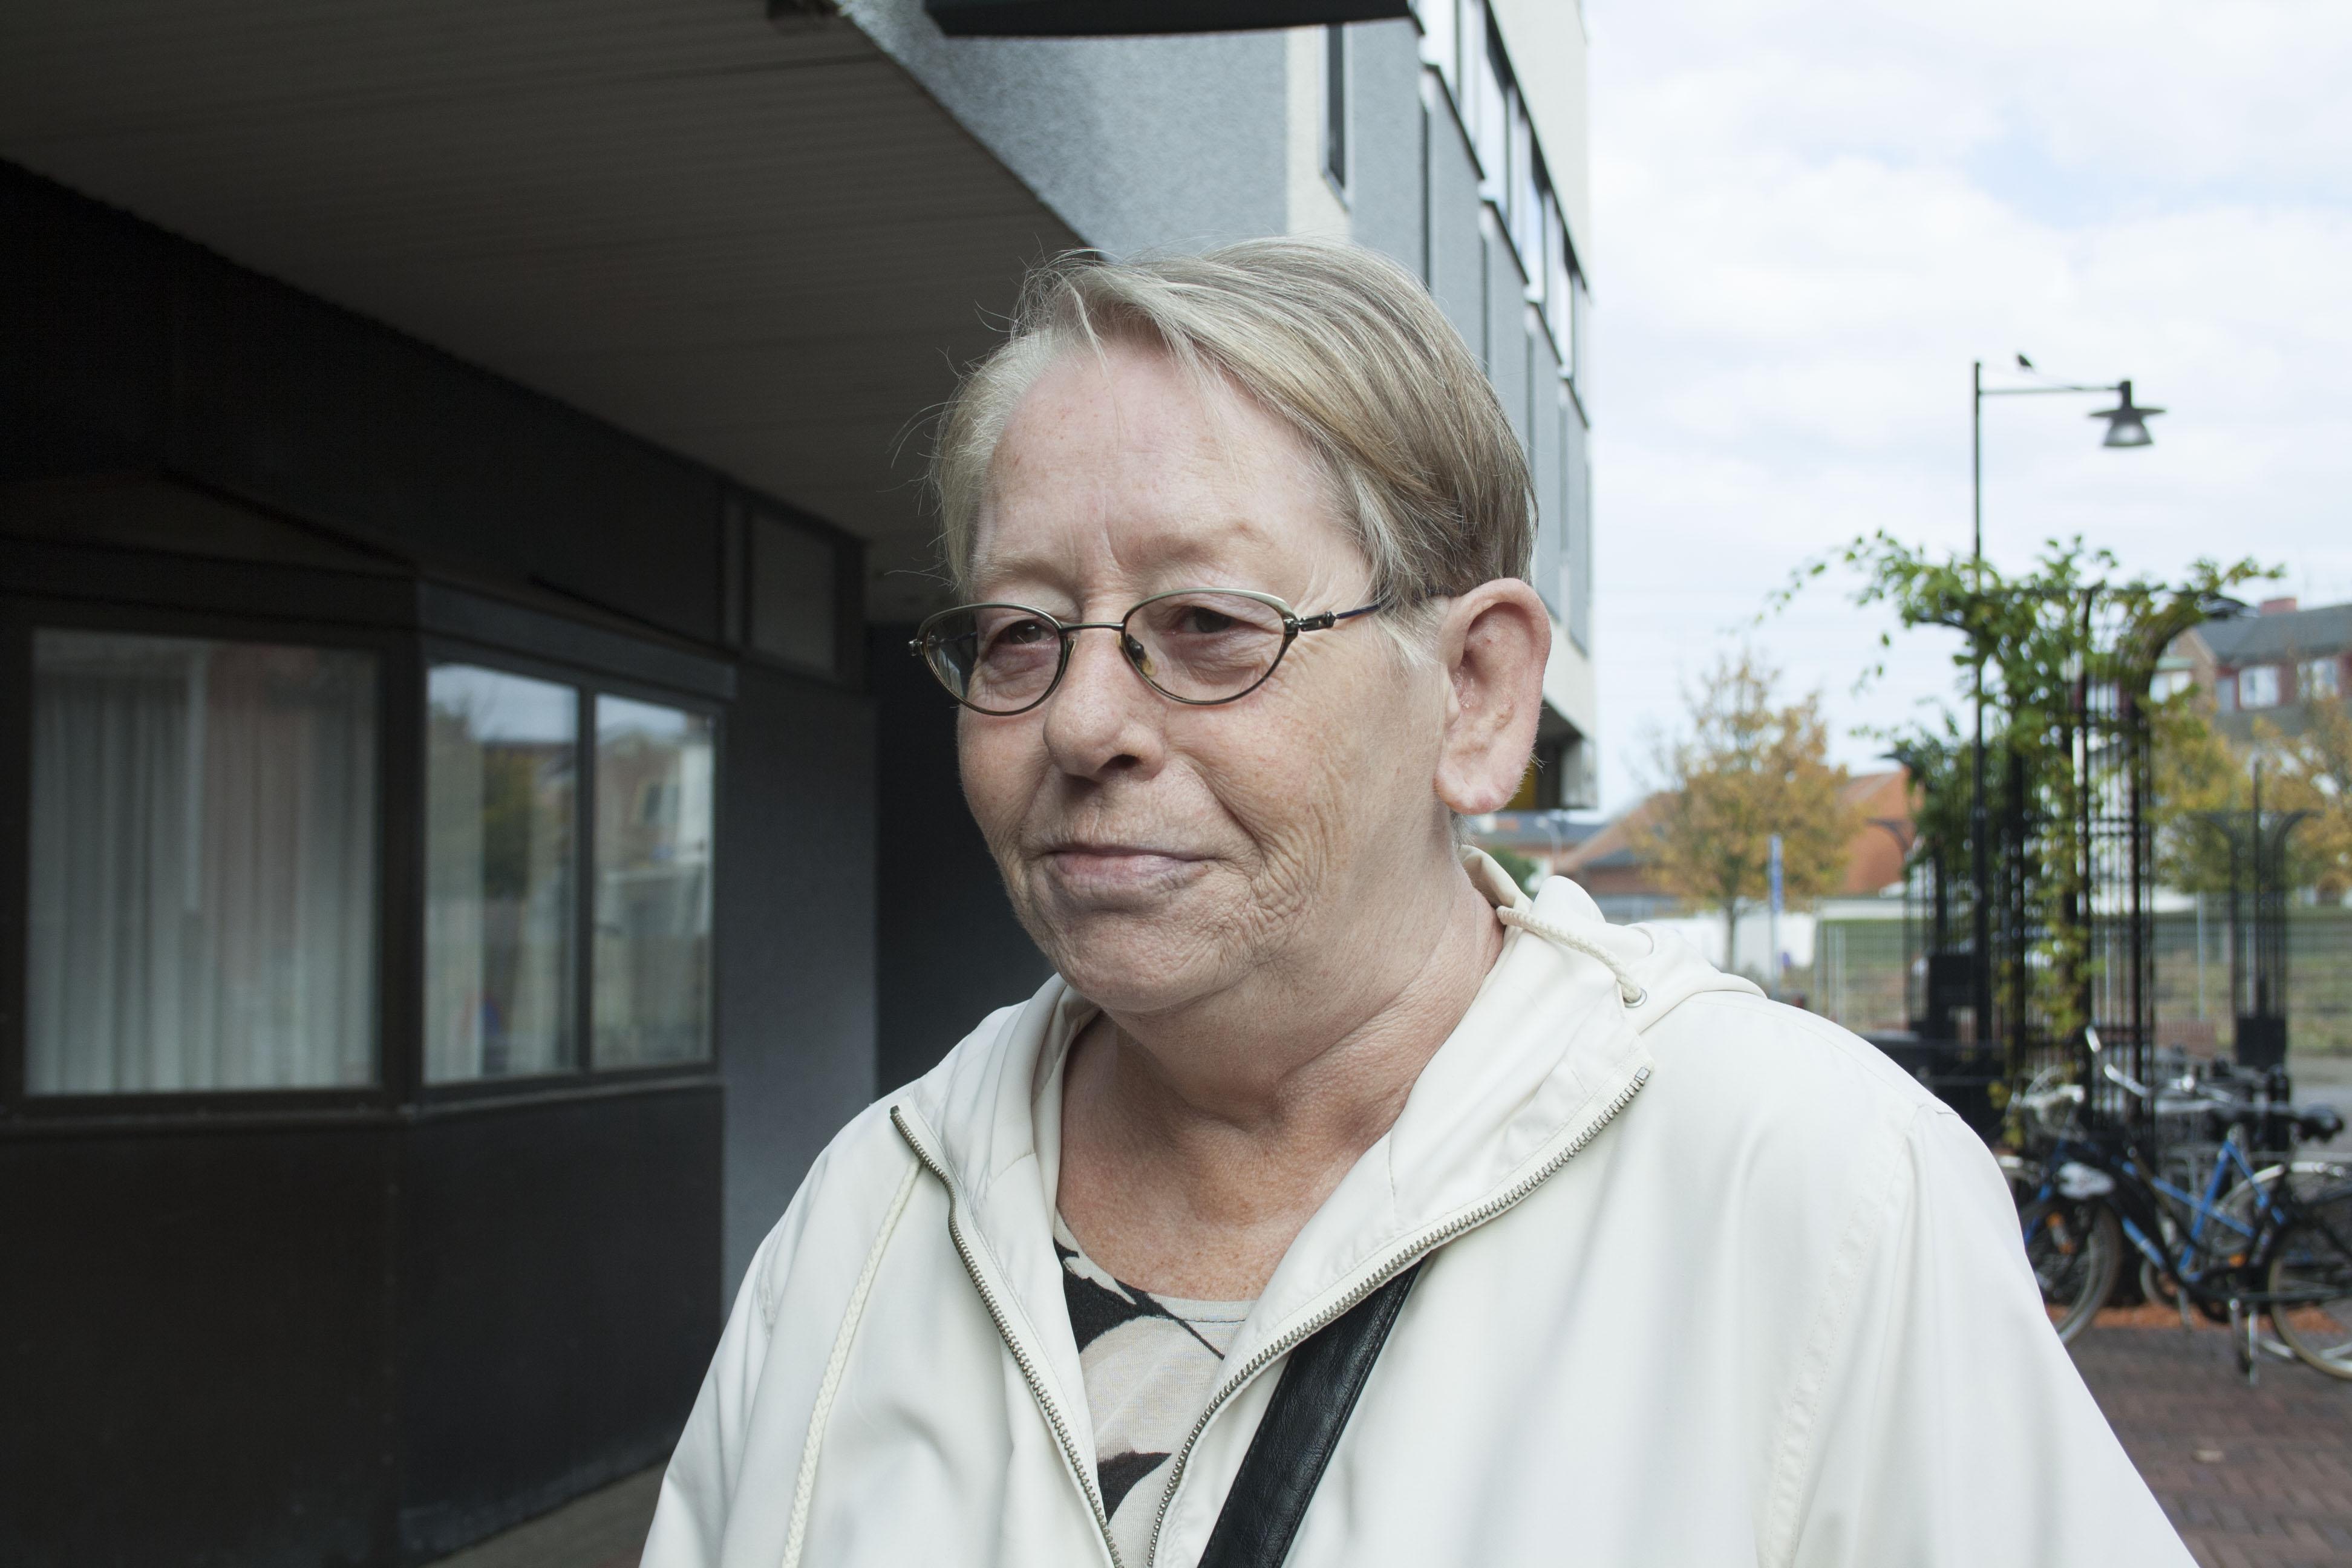 Namn: Lykke Kristensen Ålder: 66 – Helt ärligt vet jag inte, det är samma skit. Det gör som de vill ändå.